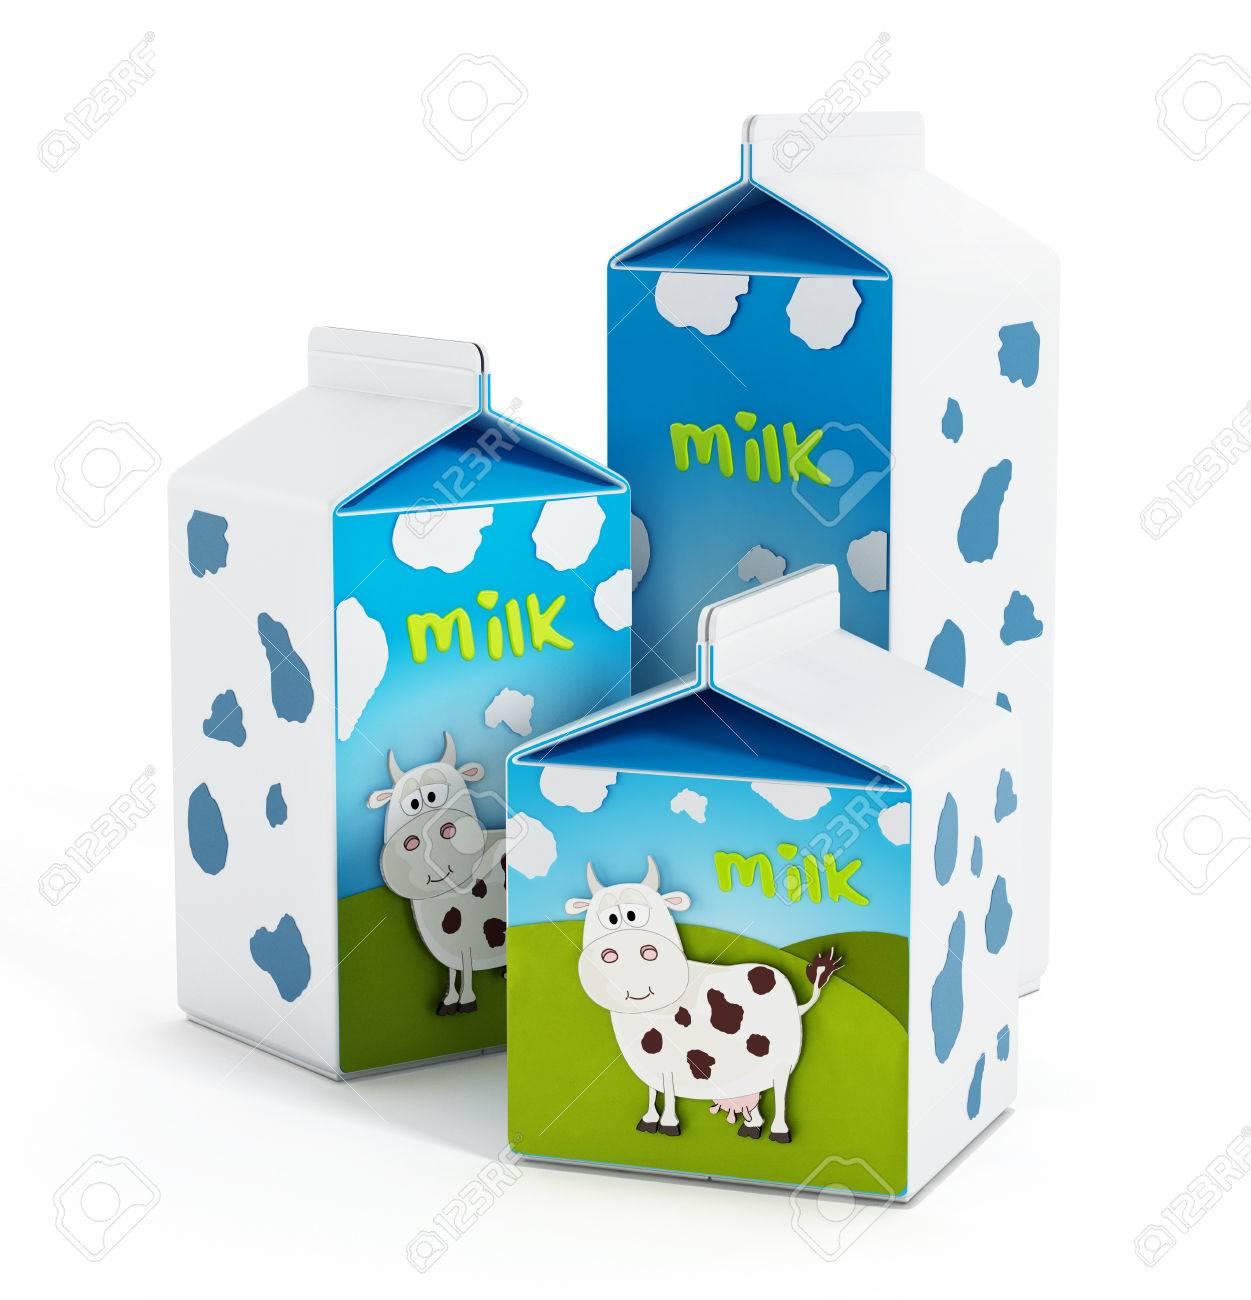 Milk bottles Stock Photo - 36491990